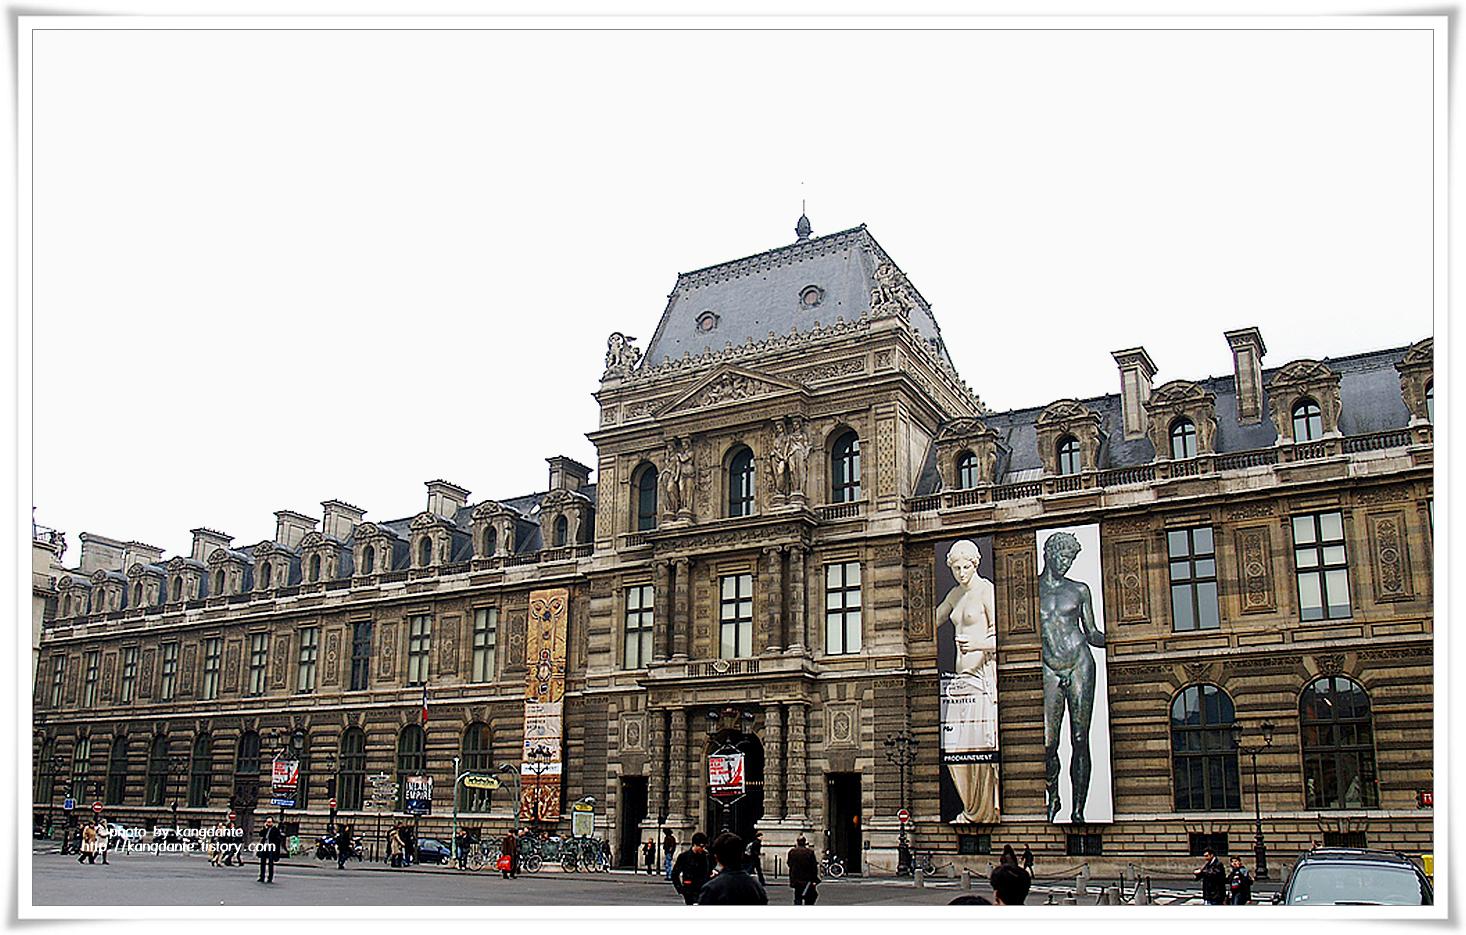 세계 3대 박물관 중 하나, 프랑스 루브르박물관